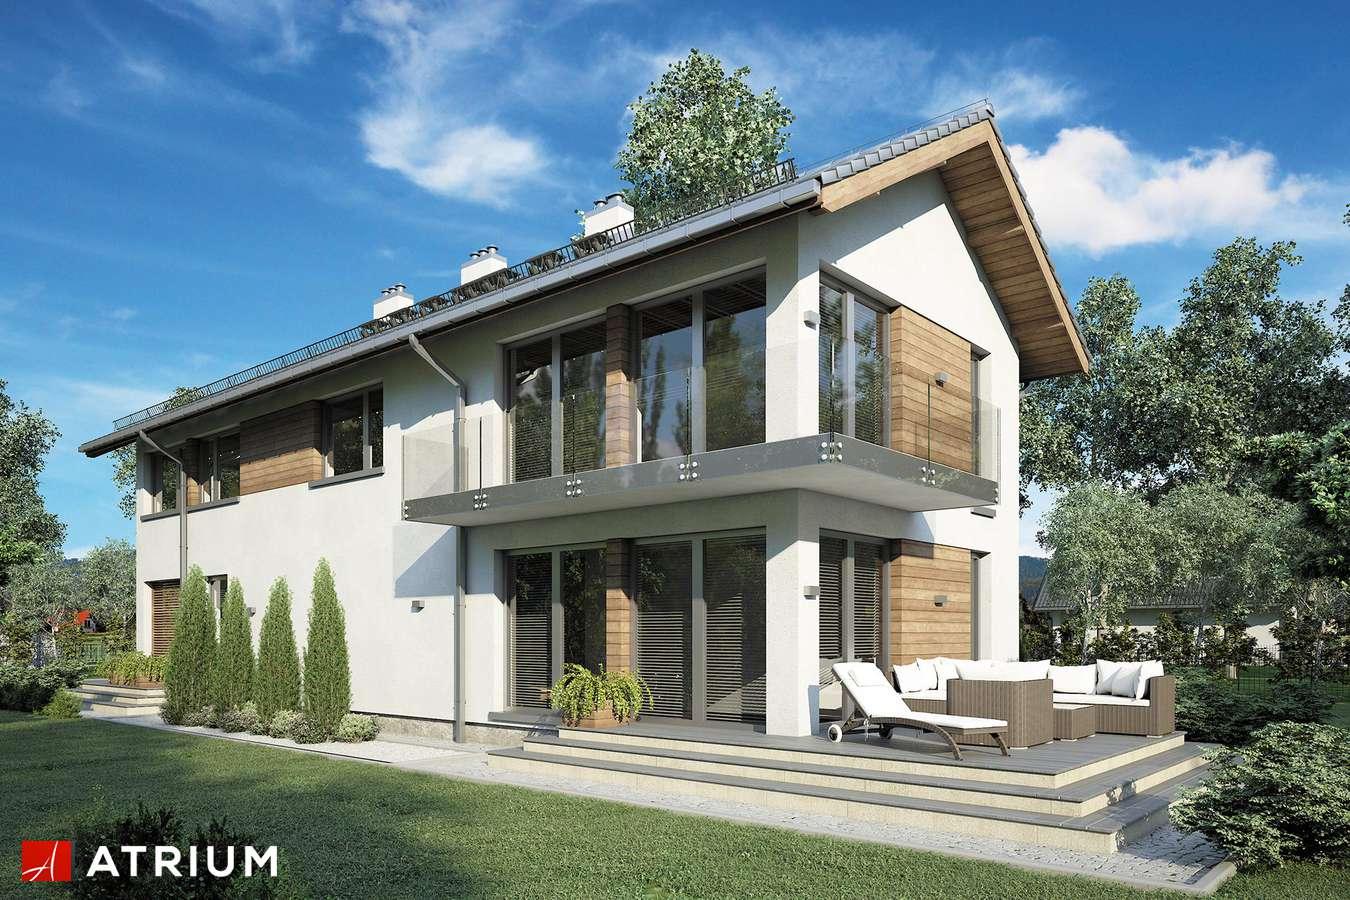 Projekty domów - Projekt domu piętrowego ORLANDO - wizualizacja 1 - wersja lustrzana